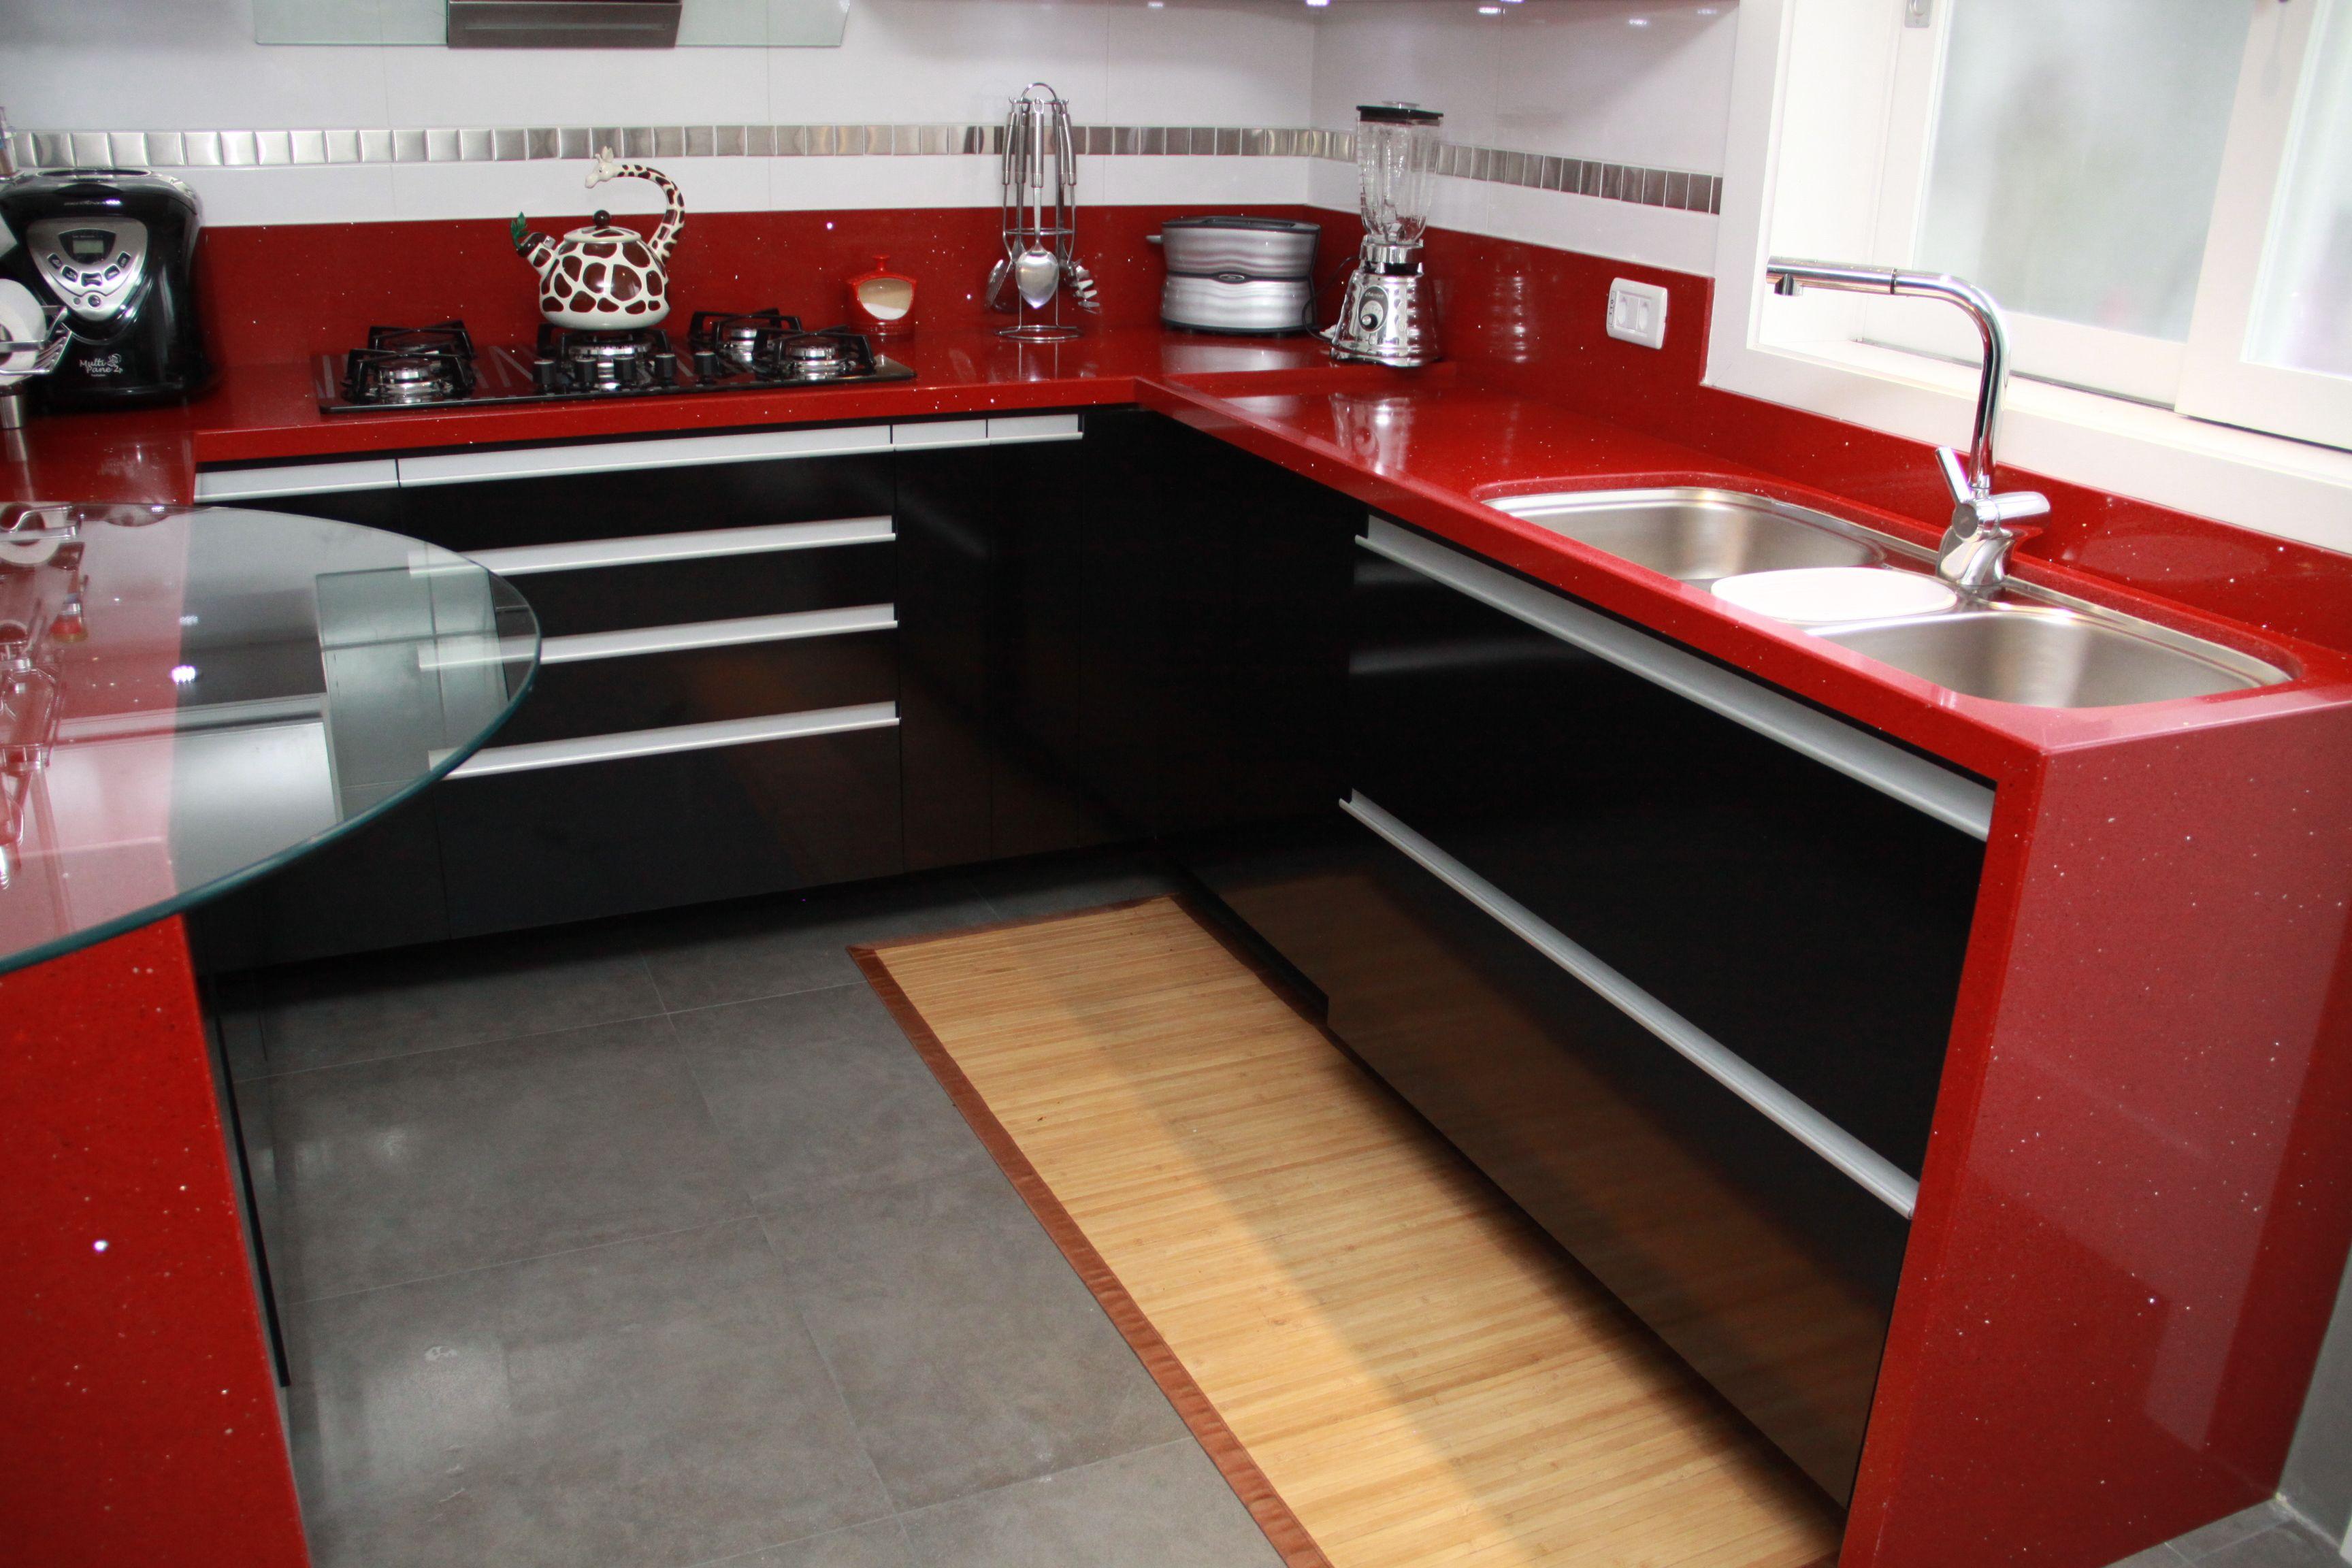 #7F1F19 cozinha com tampo de silestone vermelho. Meus projetos Pinterest 3456x2304 px Projetos De Cozinhas Com Silestone #479 imagens